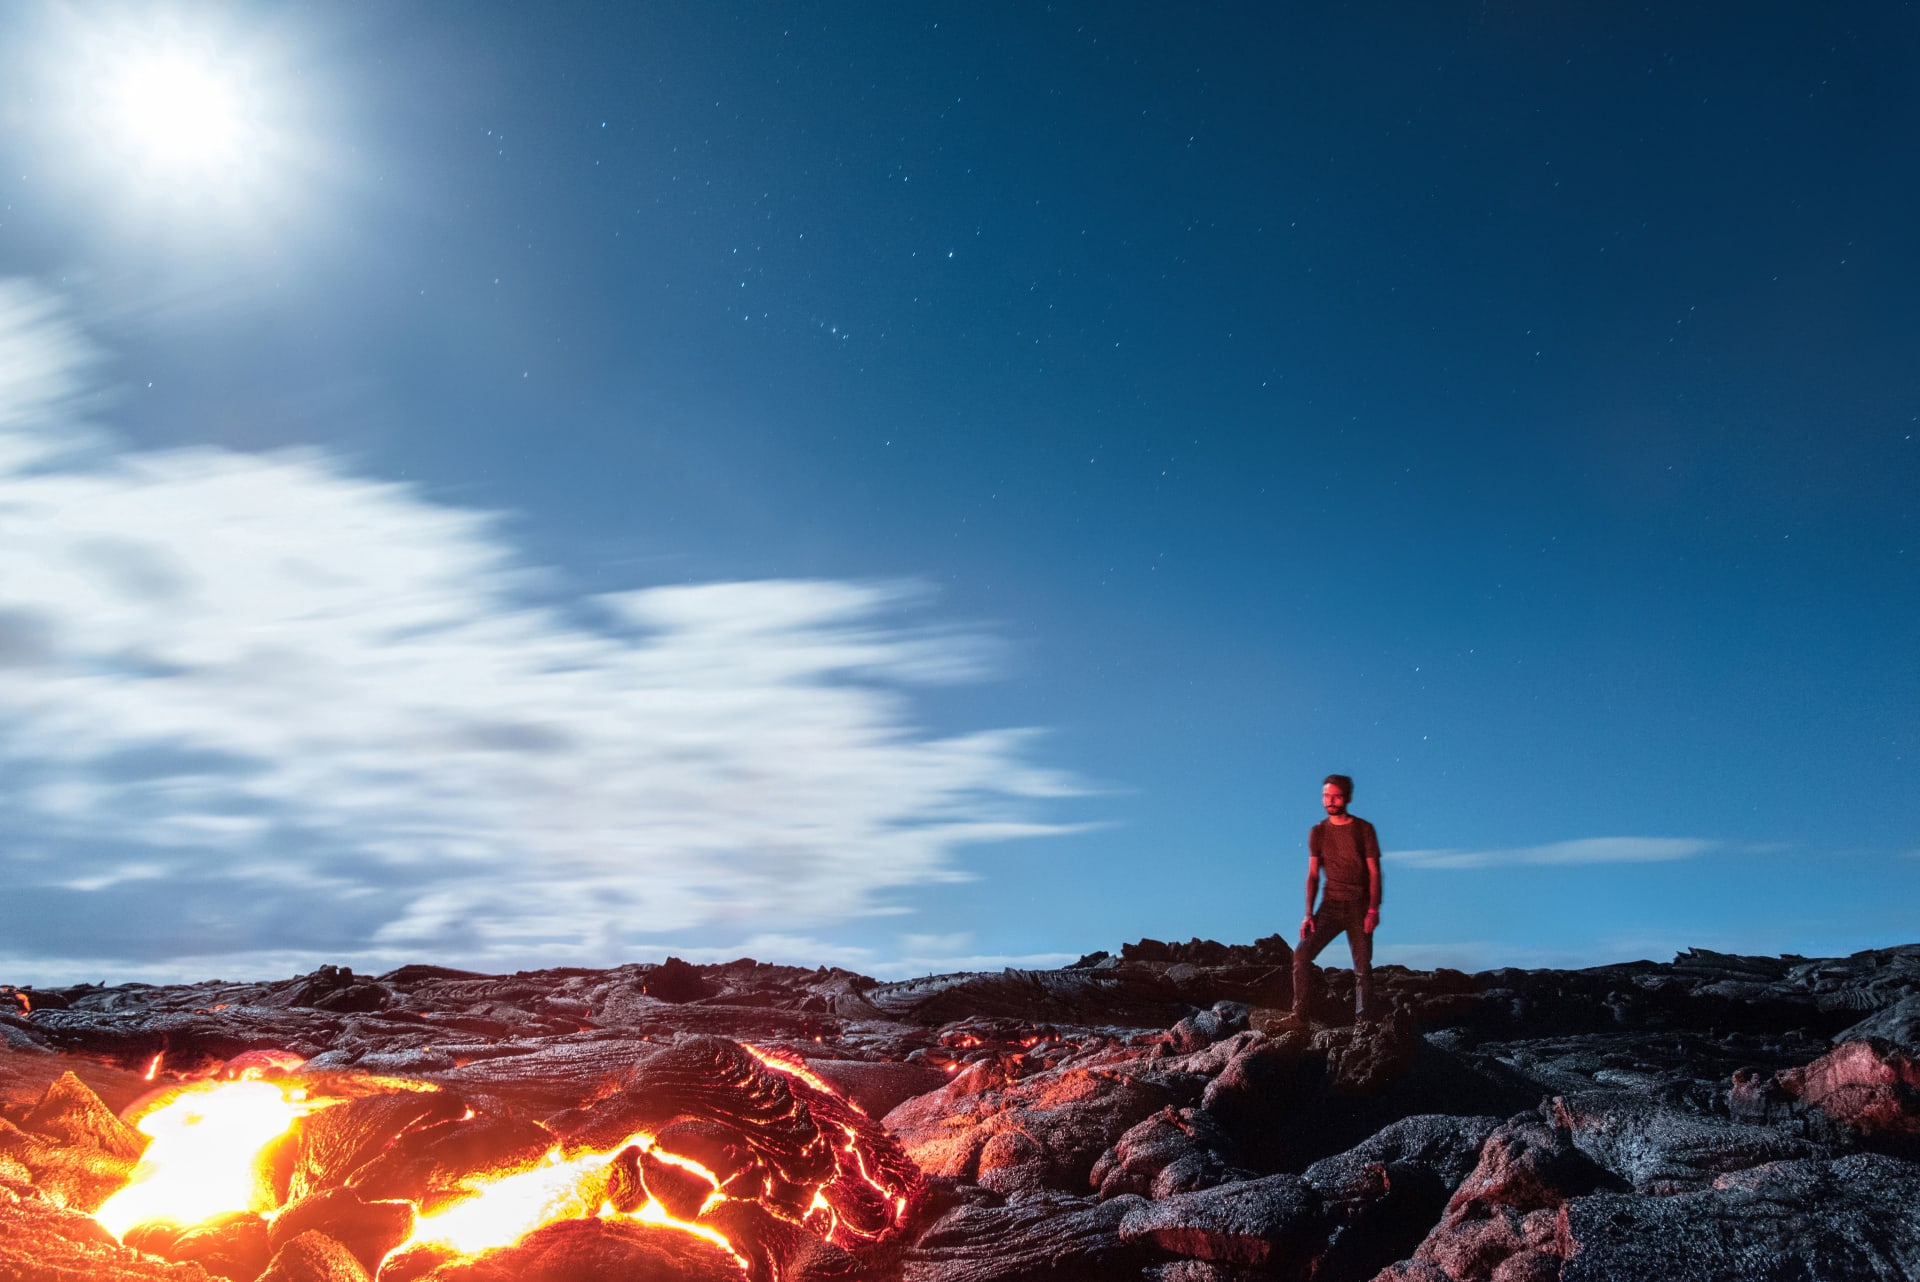 الحمم البركانية في جزيرة هاواي